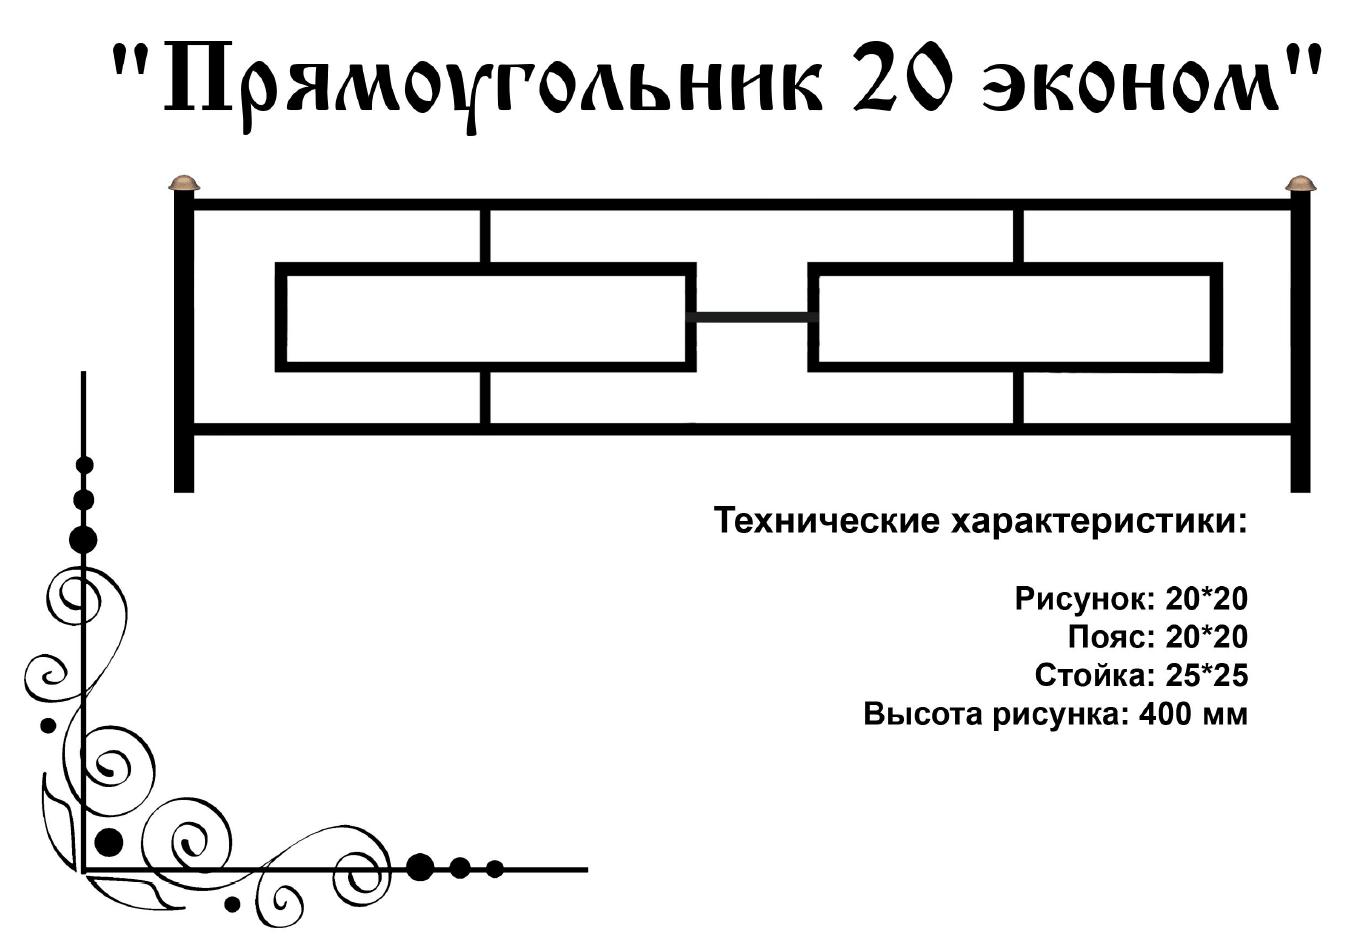 Прямоугольник 20 (эконом)